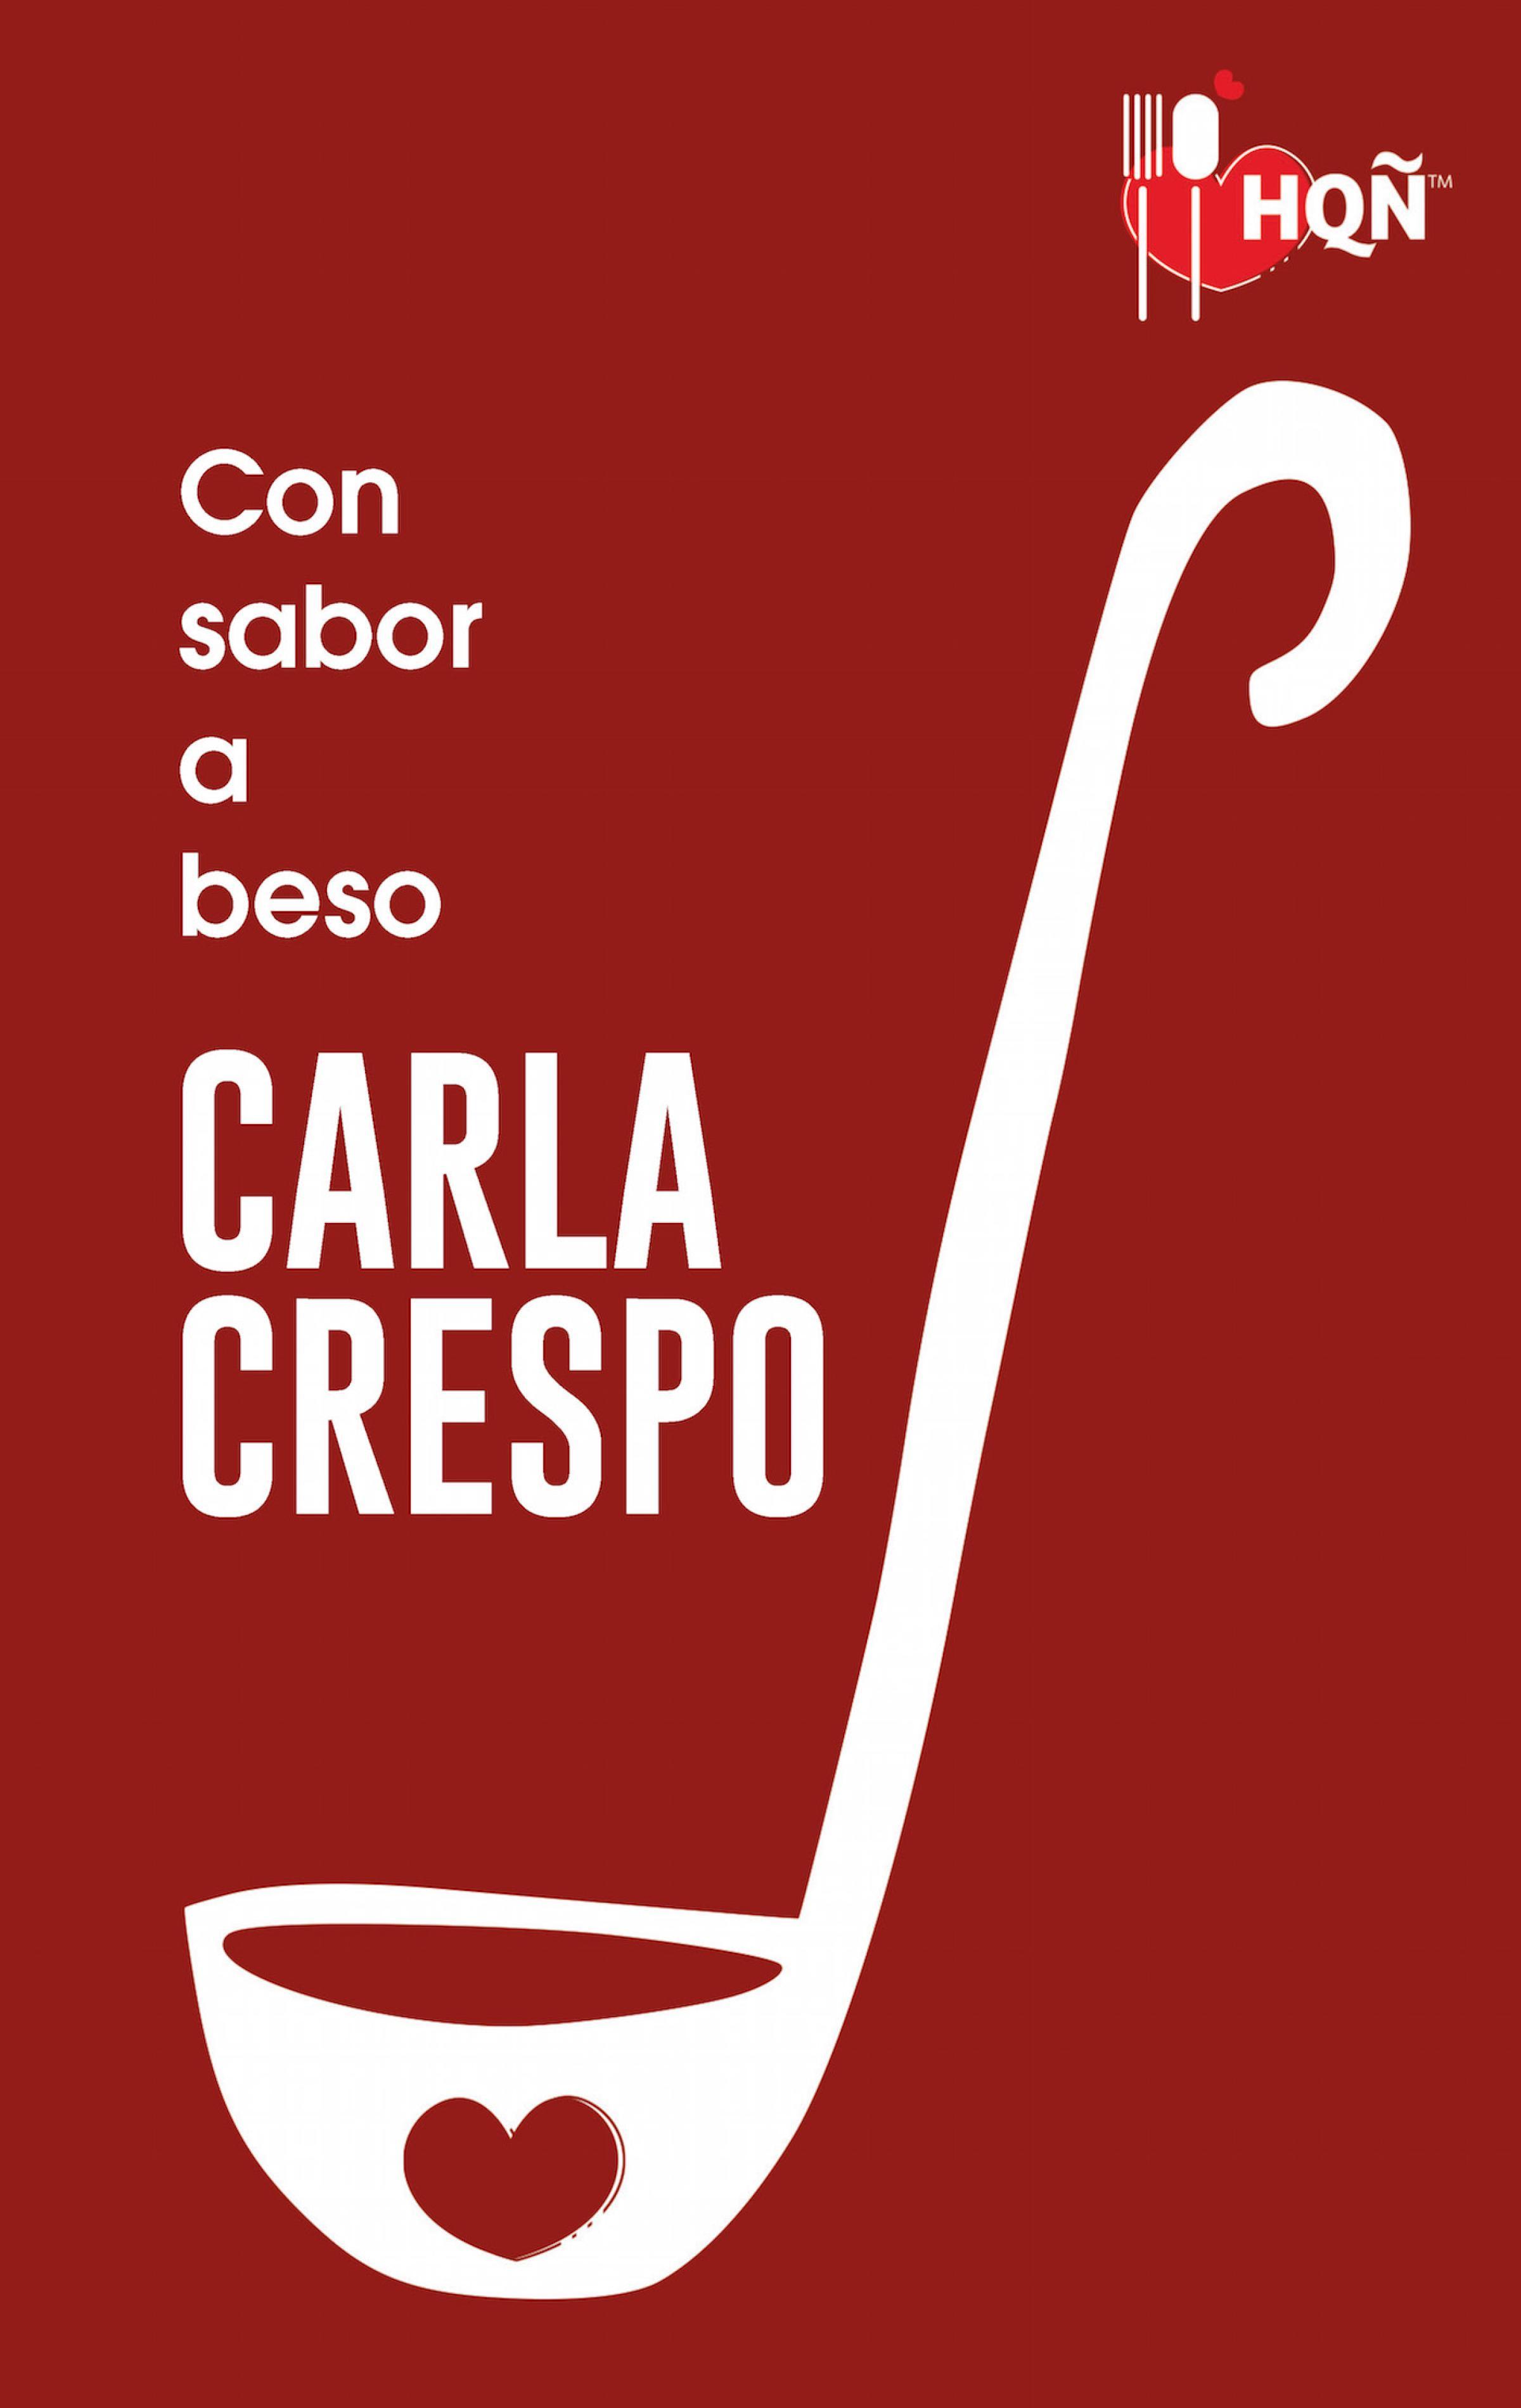 Carla Crespo Con sabor a beso gonçalves crespo nocturnos